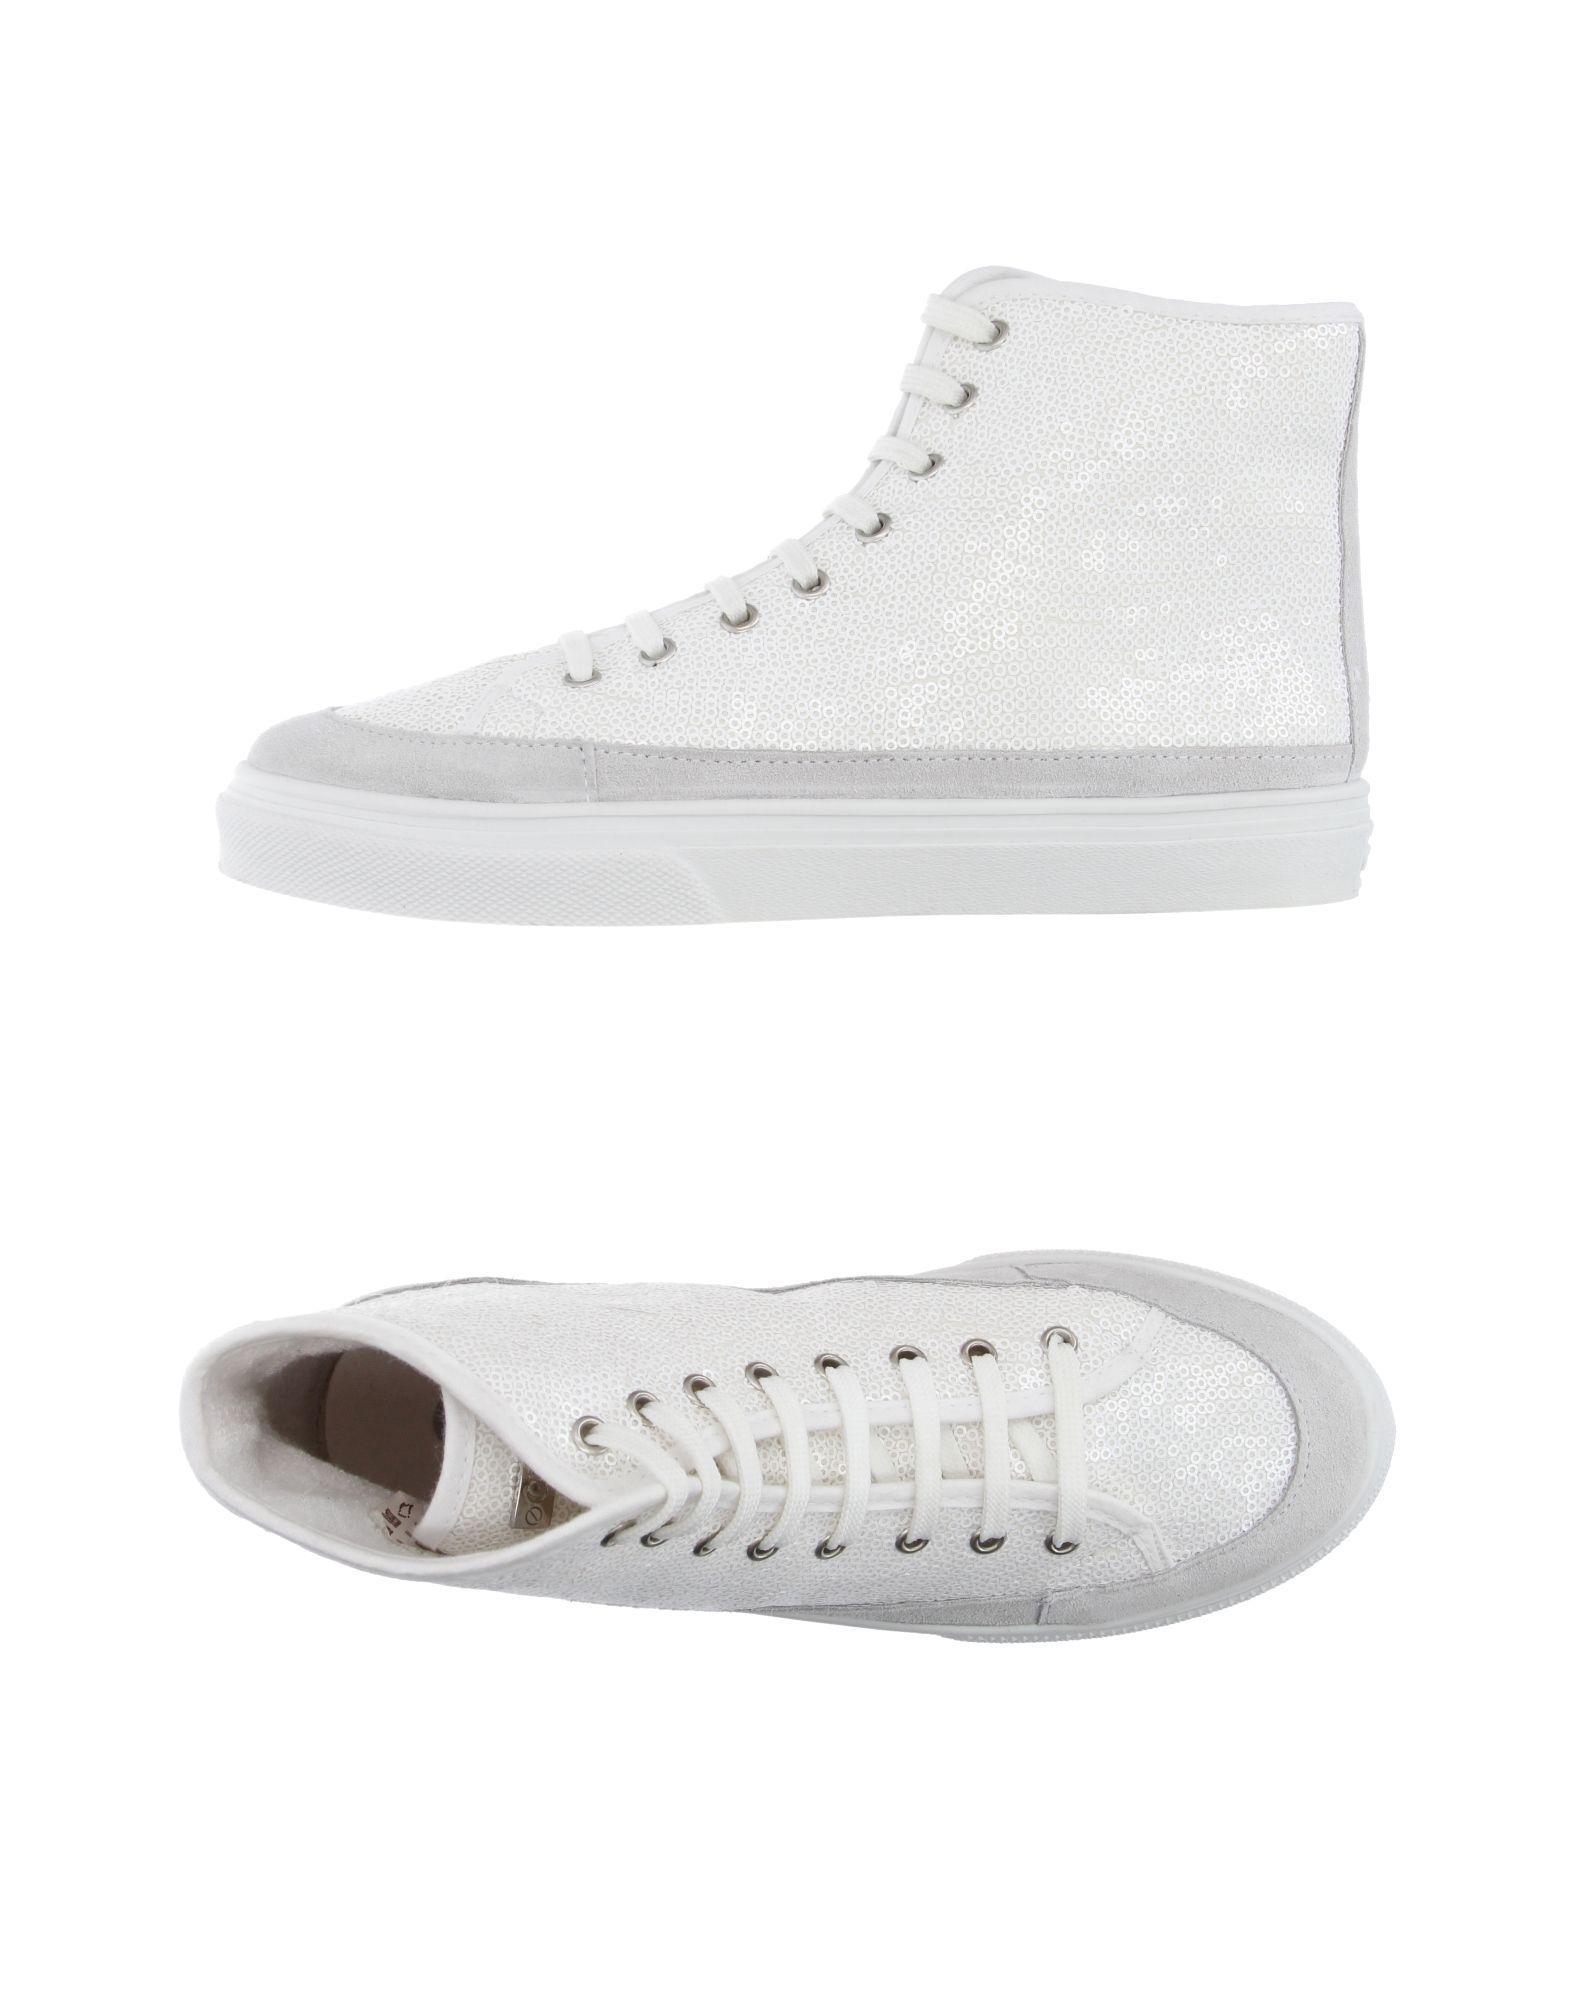 Guess Sneakers Damen Damen Sneakers  11073271OU  20deae